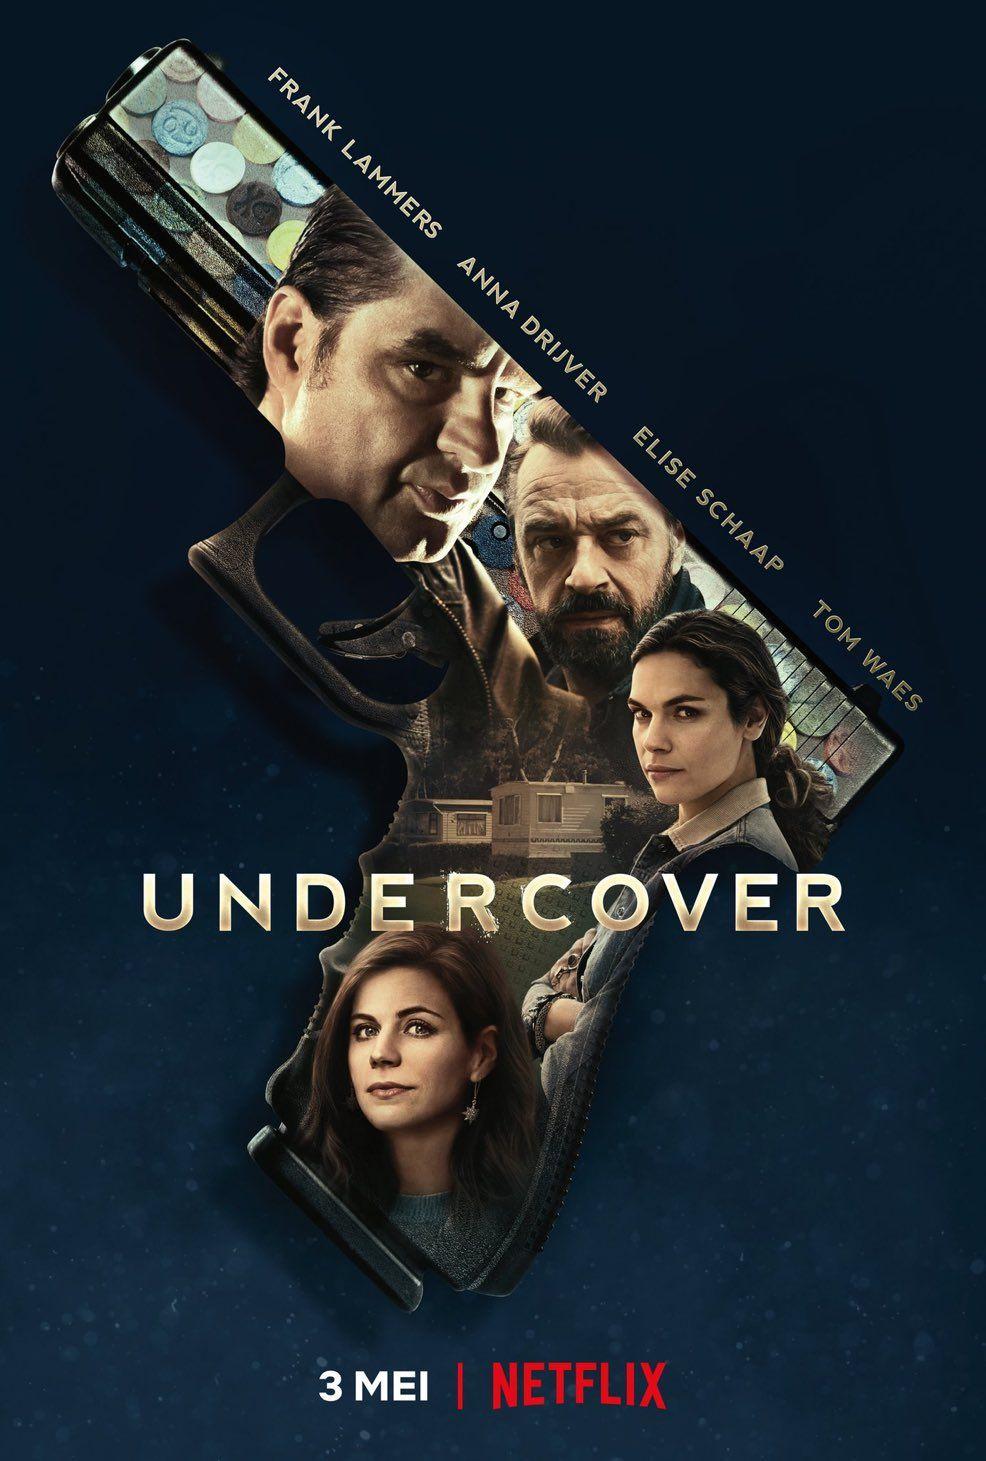 Undercover Serie Netflix